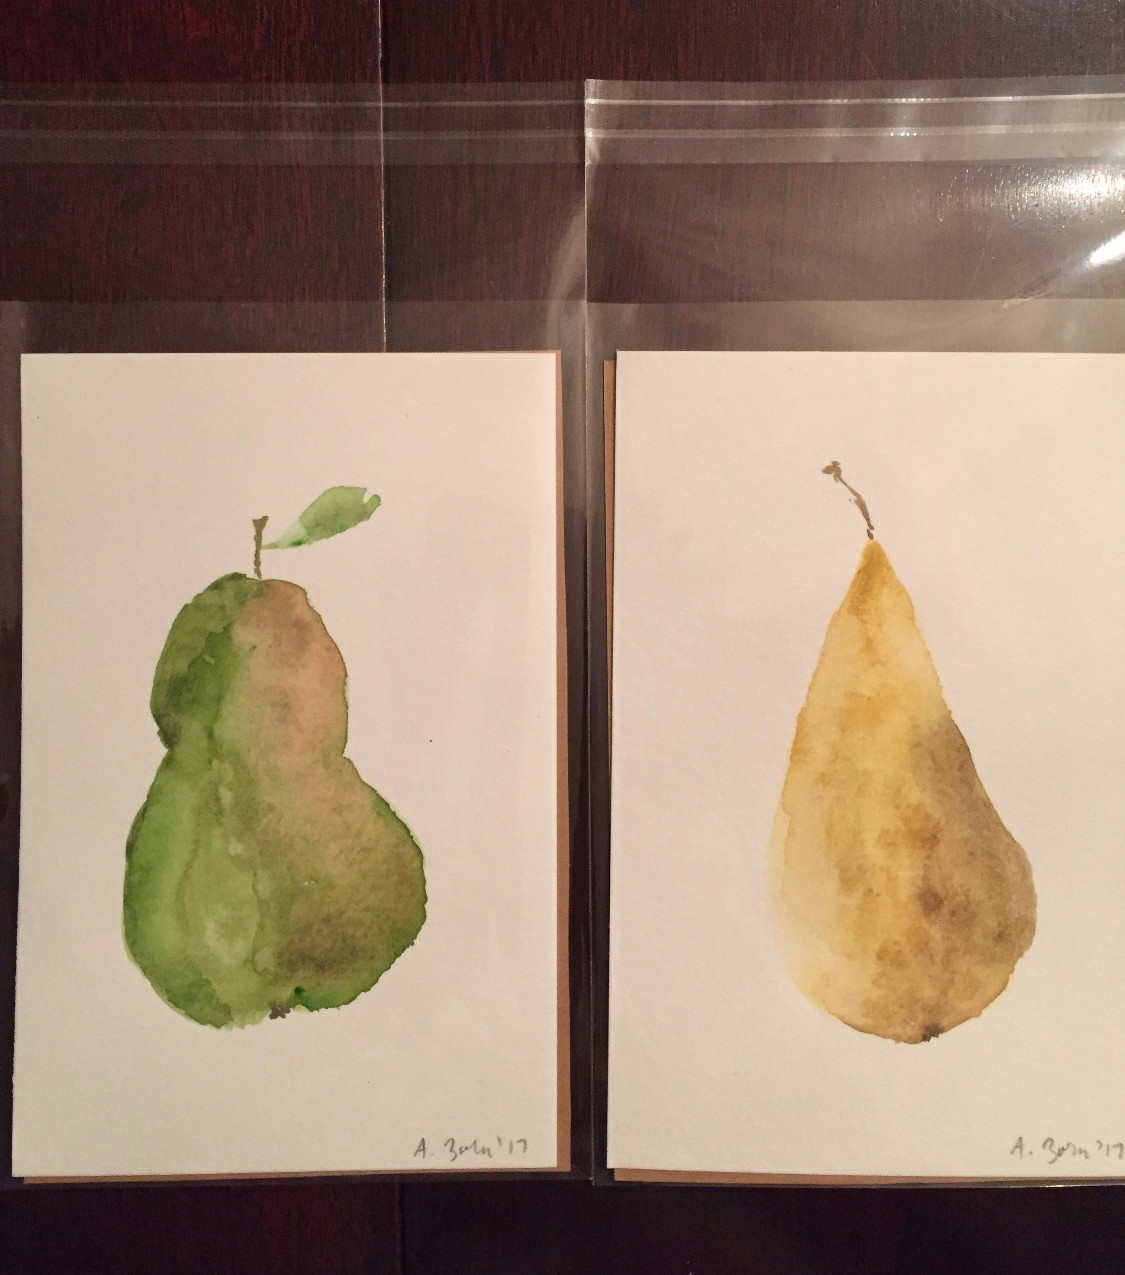 pears_edited